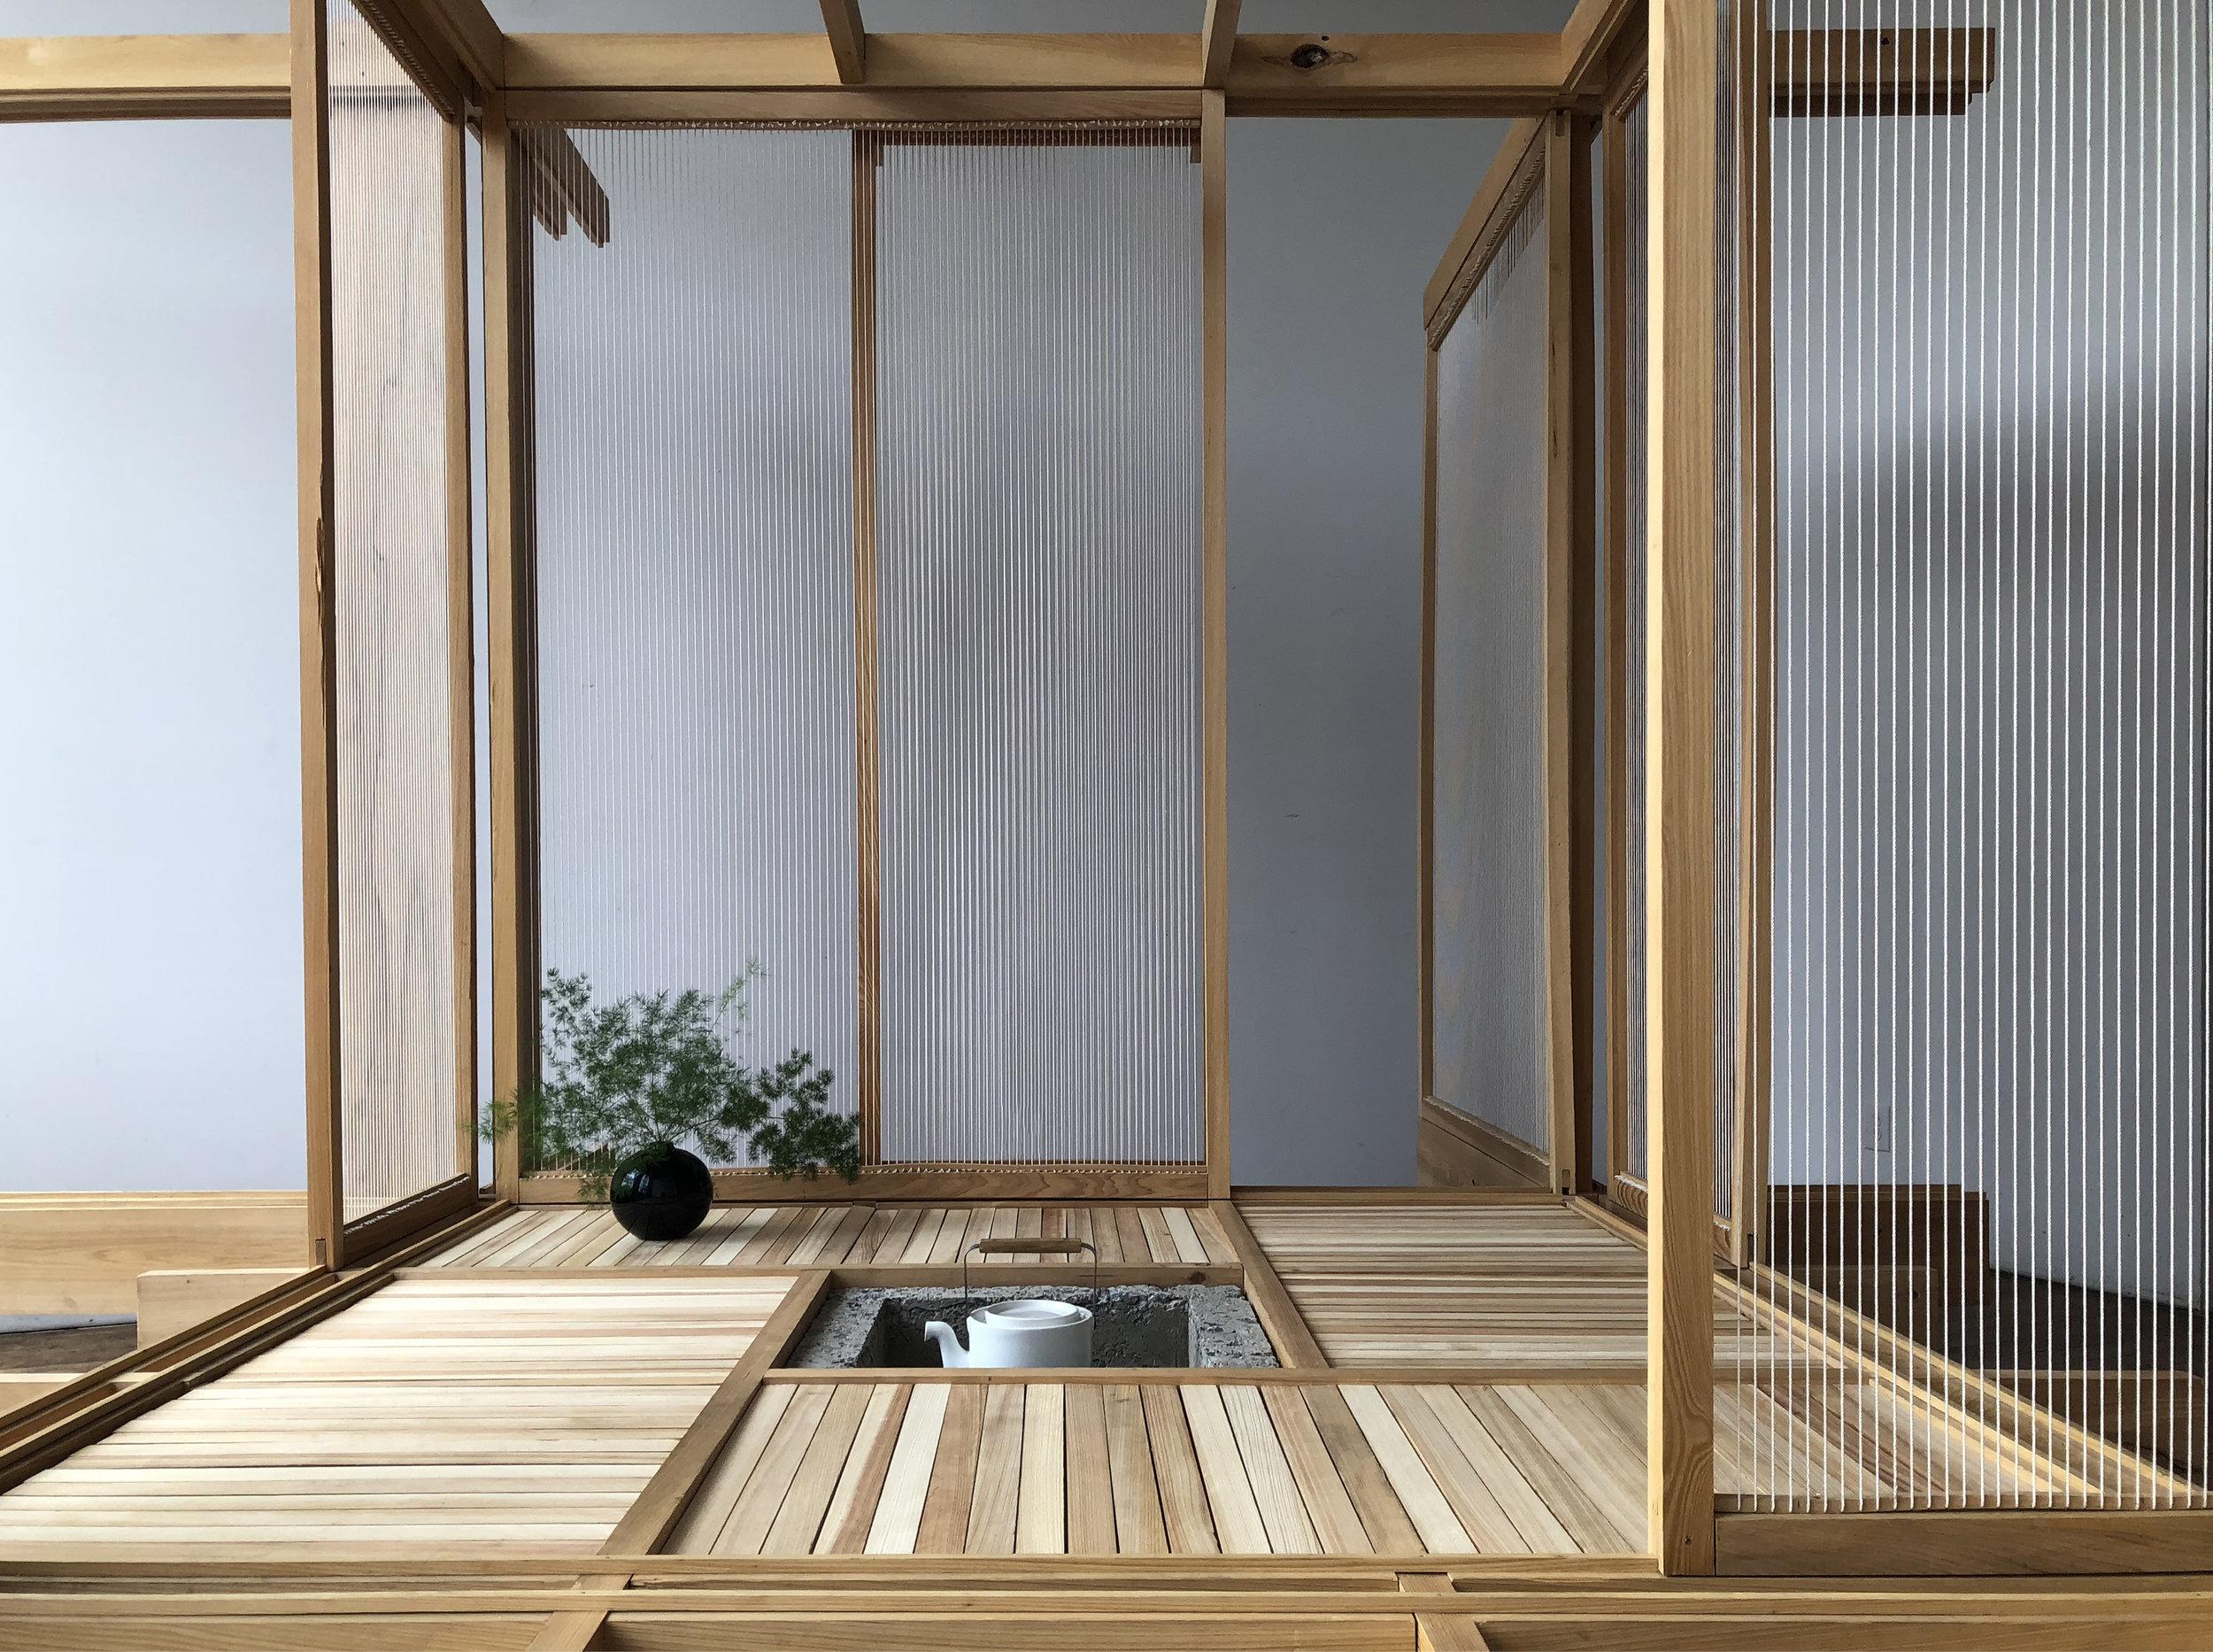 Y S D M teahouse 2018 - 9.jpg